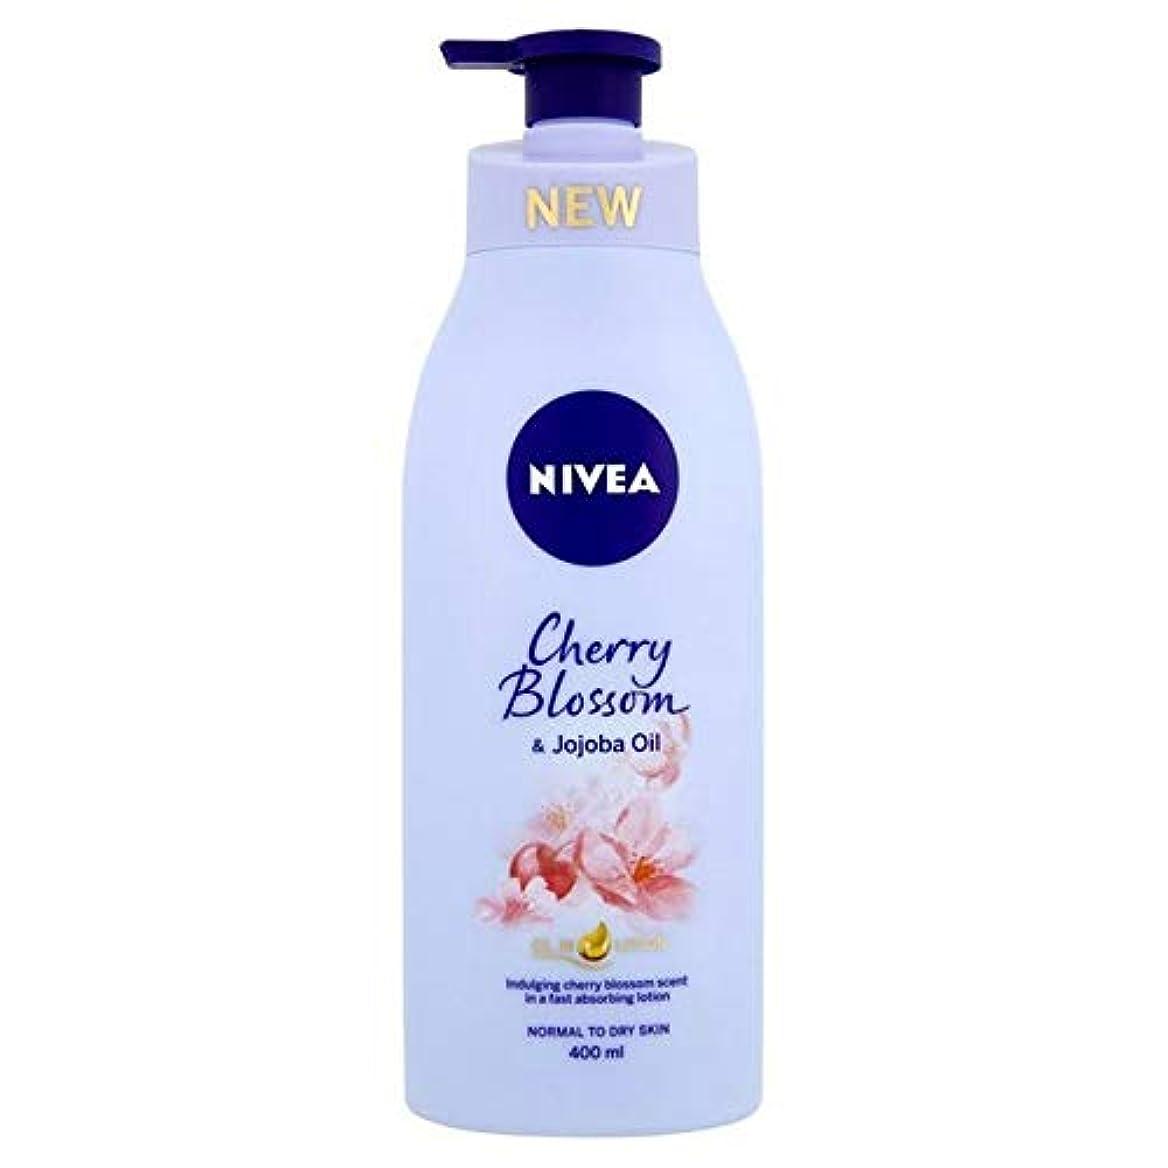 アンドリューハリディ所有権海峡ひも[Nivea ] ニベア桜&ホホバオイルボディローション400ミリリットル - Nivea Cherry Blossom & Jojoba Oil Body Lotion 400ml [並行輸入品]